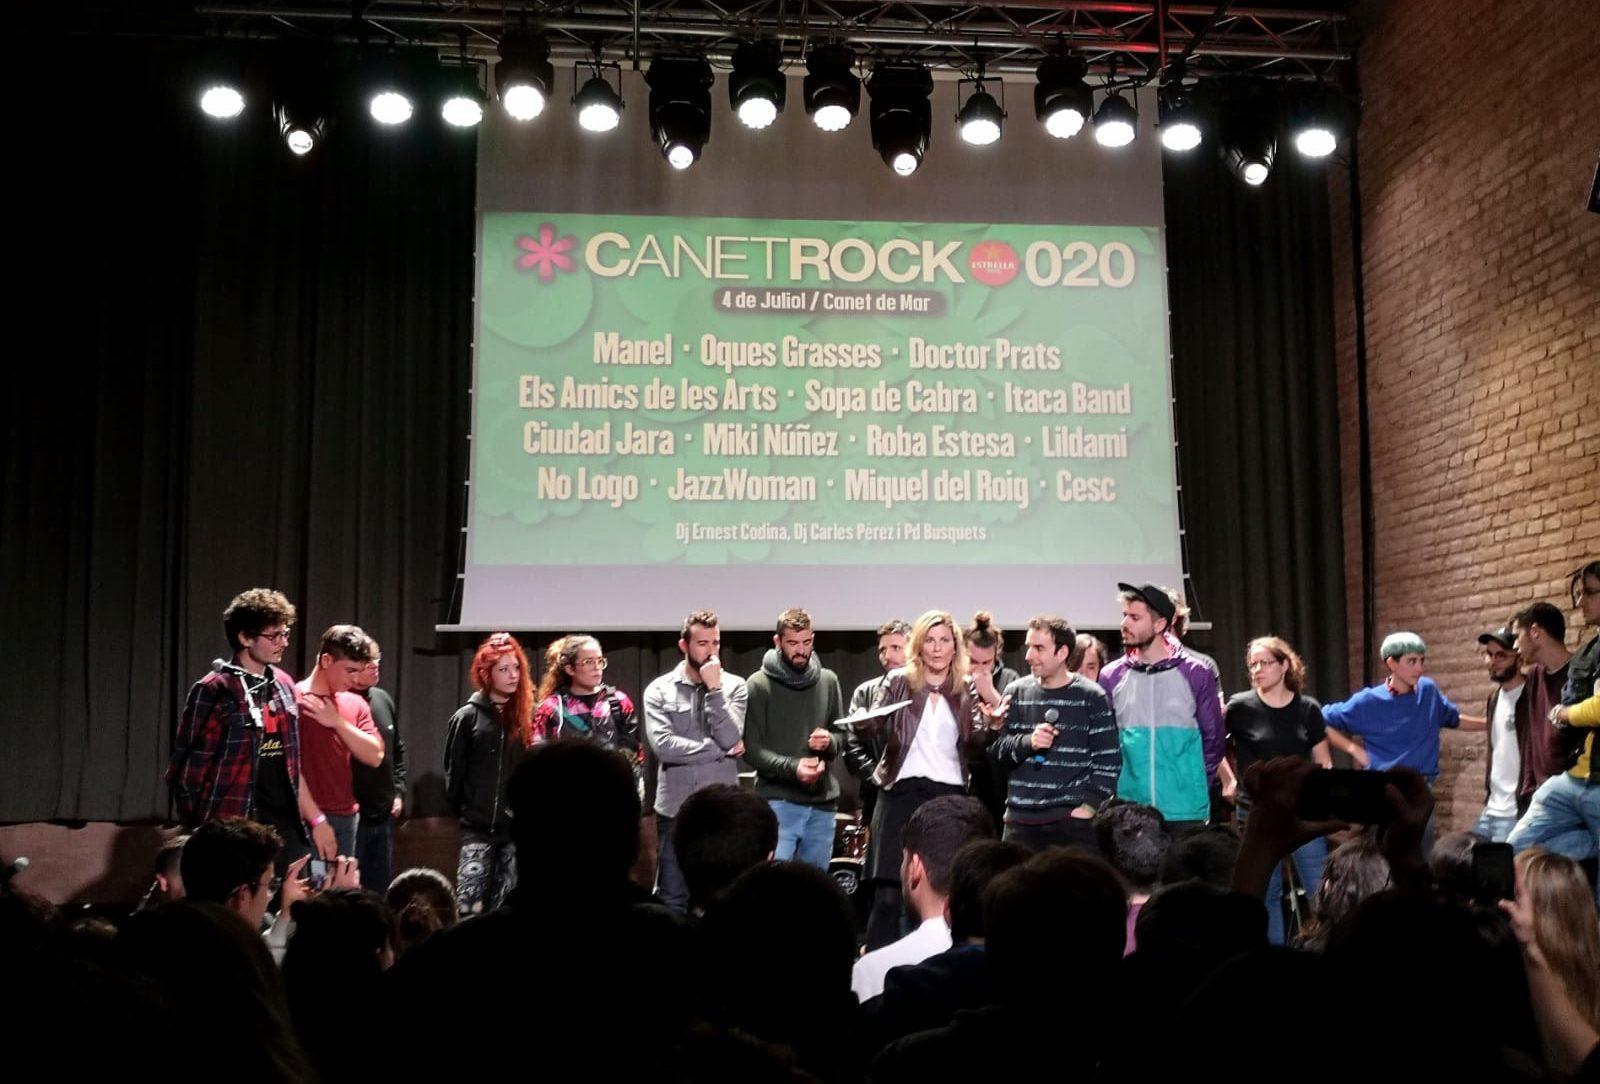 Presentació del cartell del CanetRock 2020. Foto: M. Alaminos - maresme360